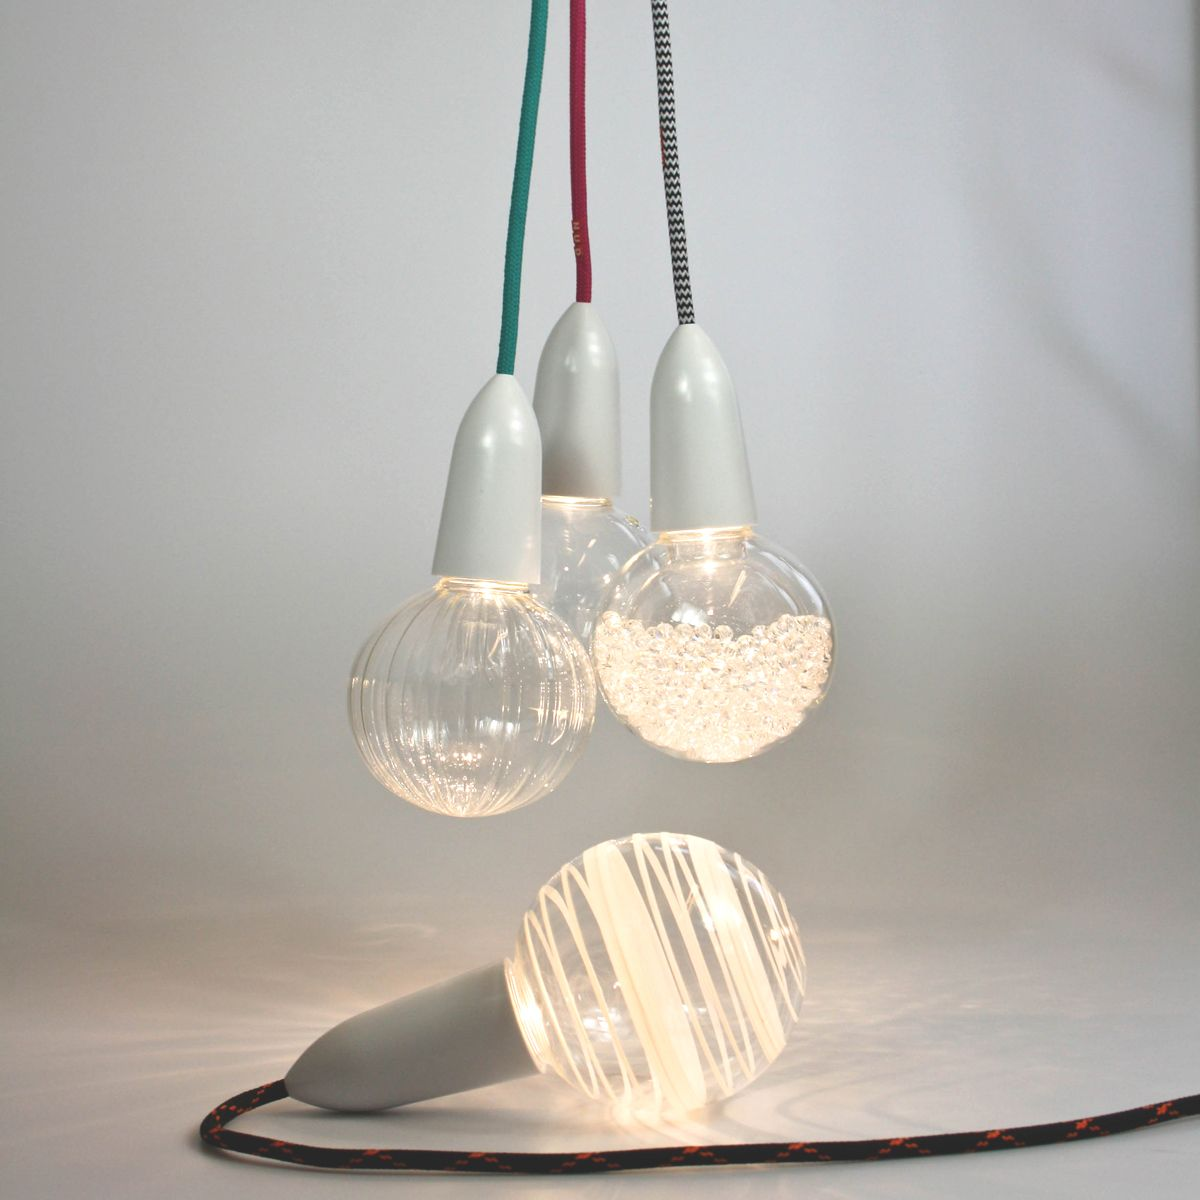 Ampoules & accessoires pour luminaires - Eclairage design ...